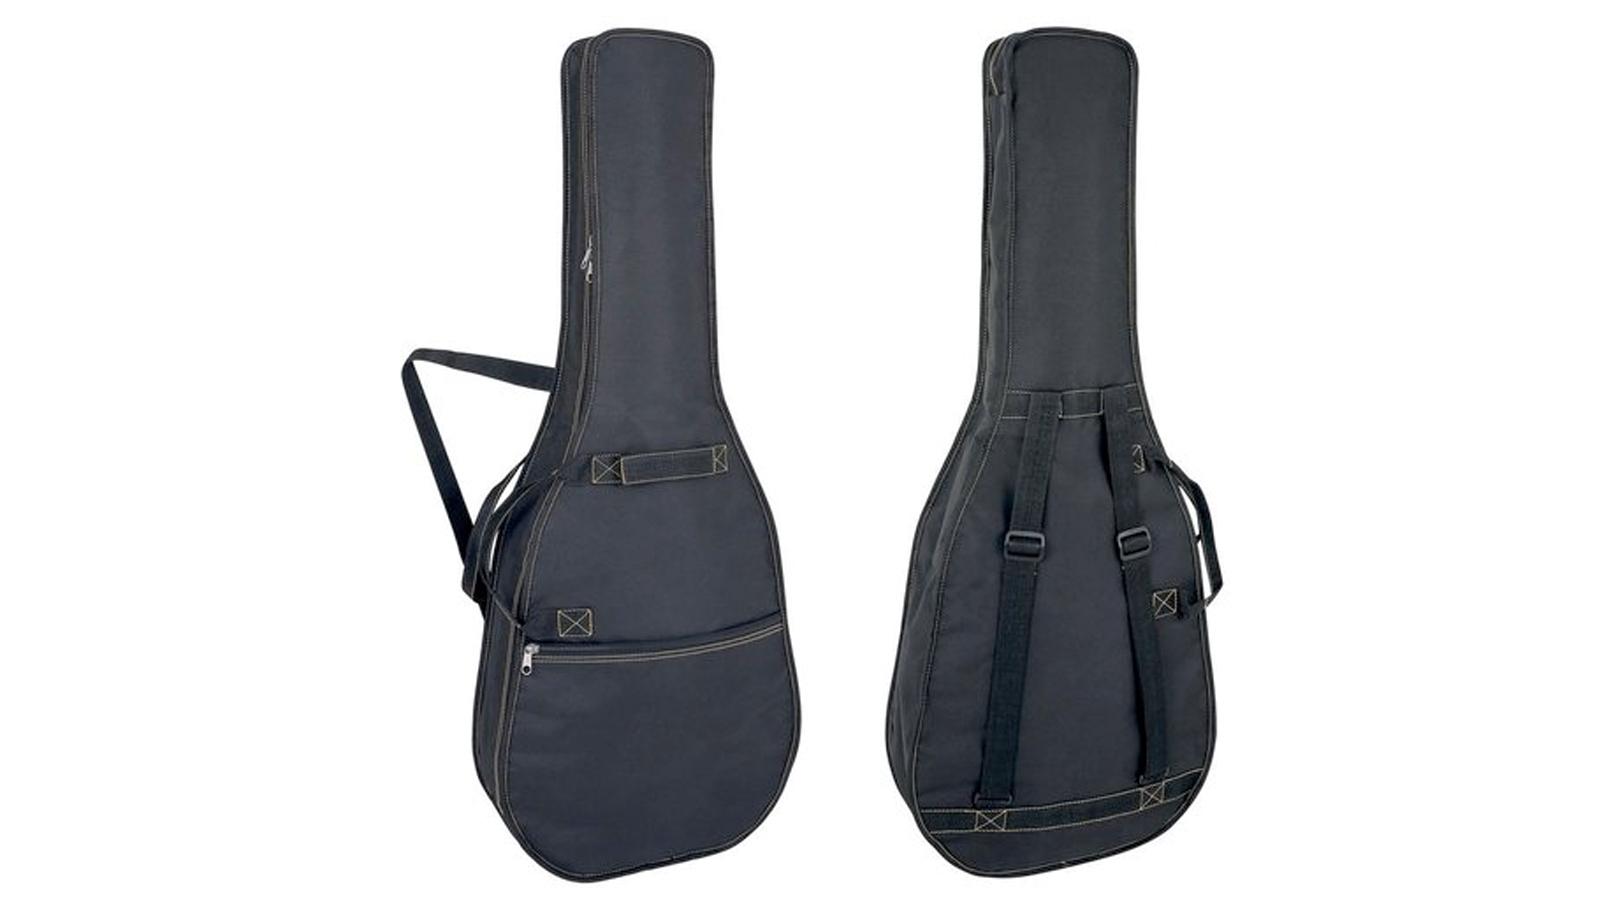 GEWApure Turtle Serie 103 Gigbag Konzertgitarre 3/4 schwarz